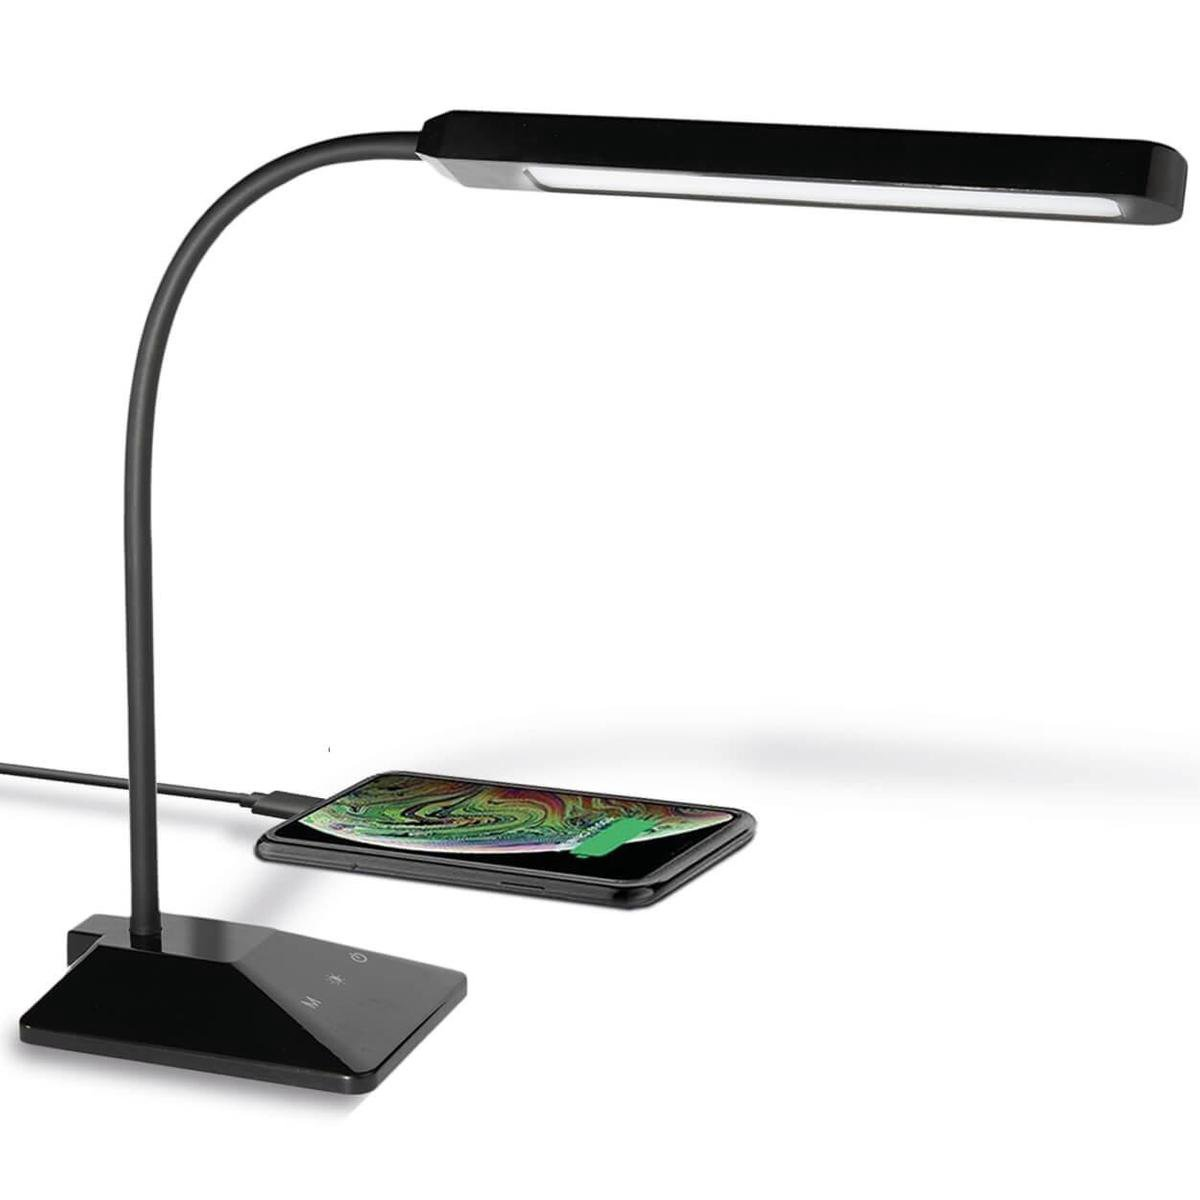 LifeGoods Verstelbare LED Bureaulamp - Dimbaar en met USB-Oplaadpoort - Wit en Warm Licht  - Zwart